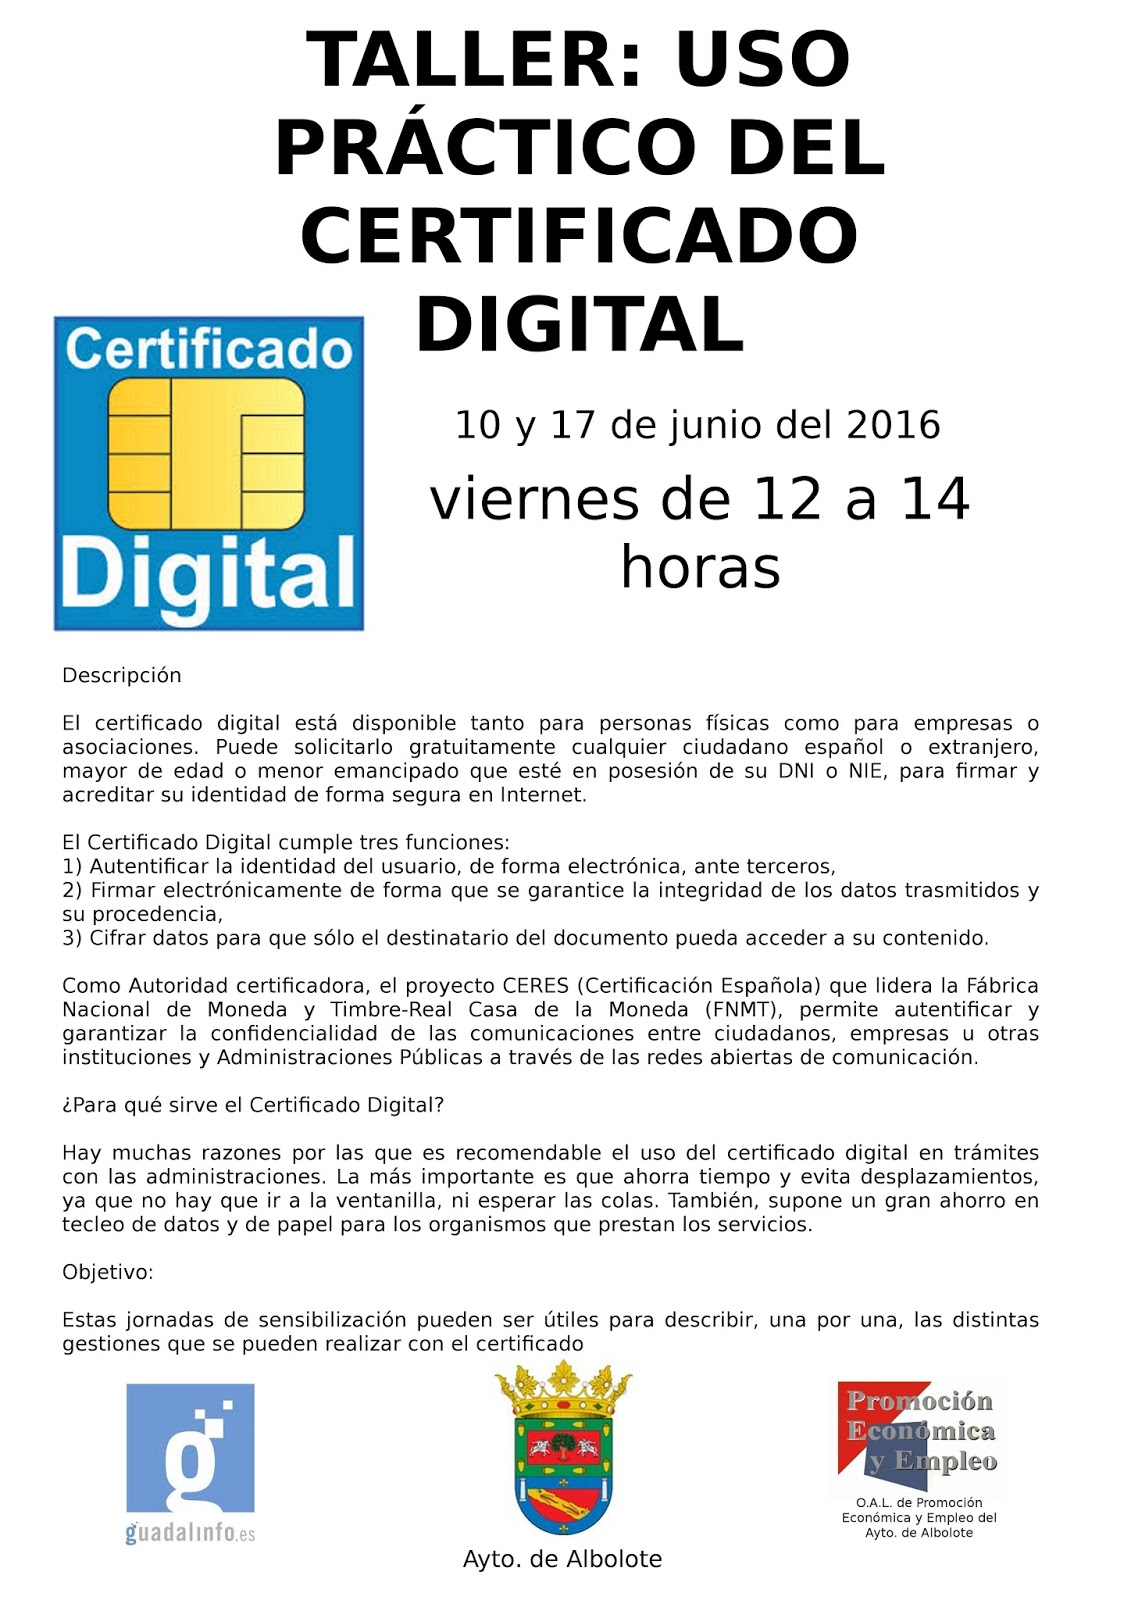 Taller uso pr ctico del certificado digital for Renovar demanda de empleo con certificado digital